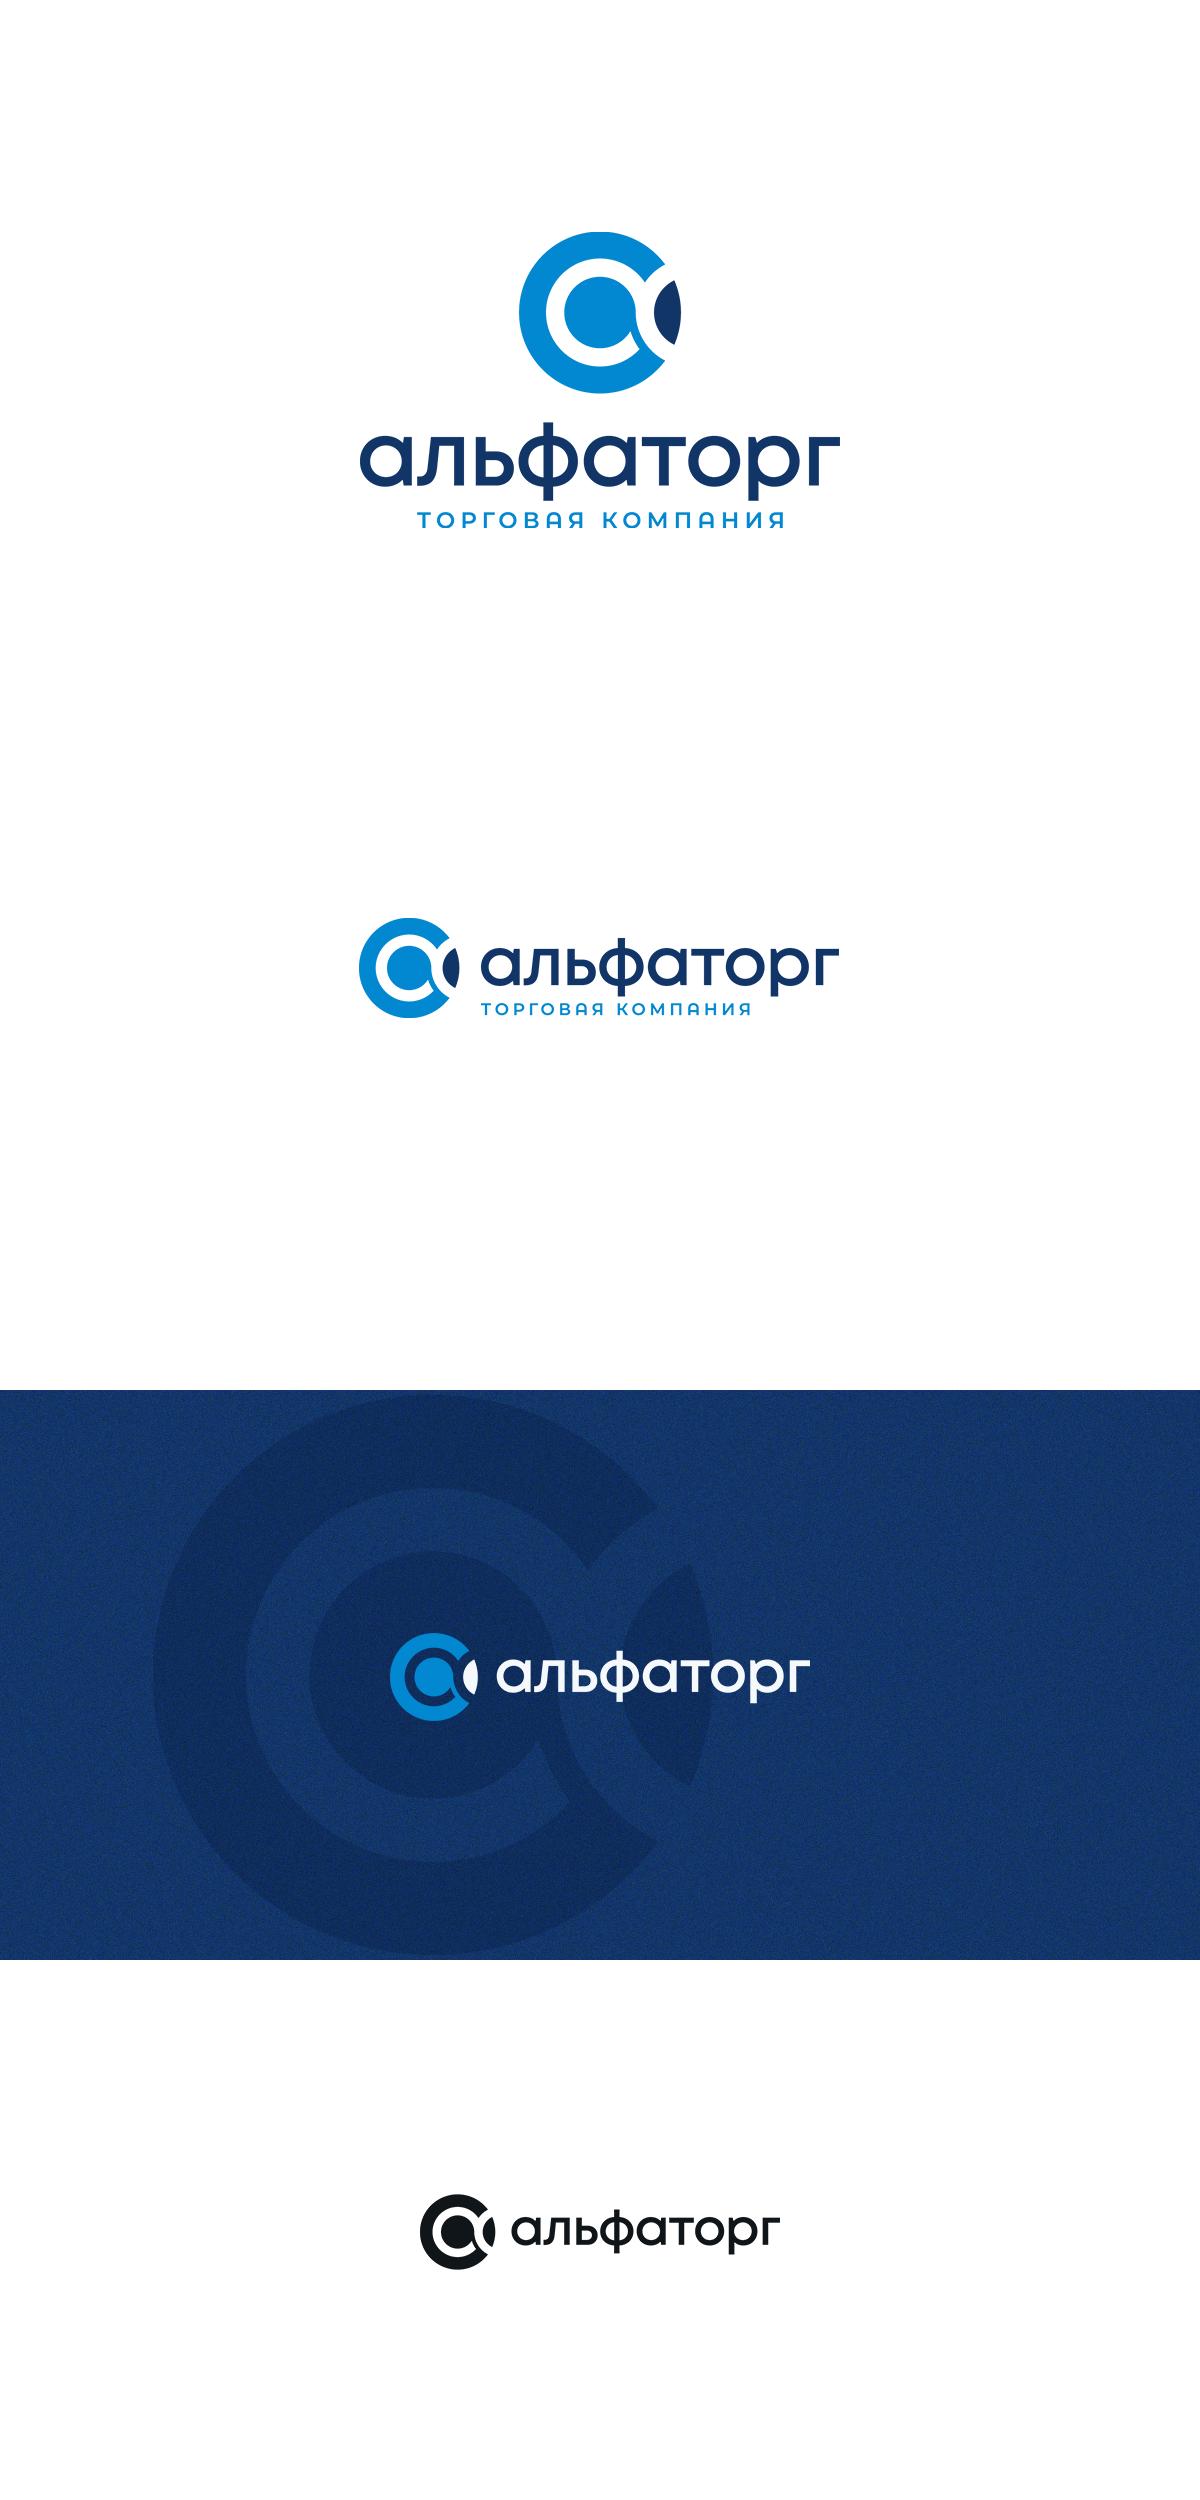 Логотип и фирменный стиль фото f_9375f0b4ca3d7a77.png